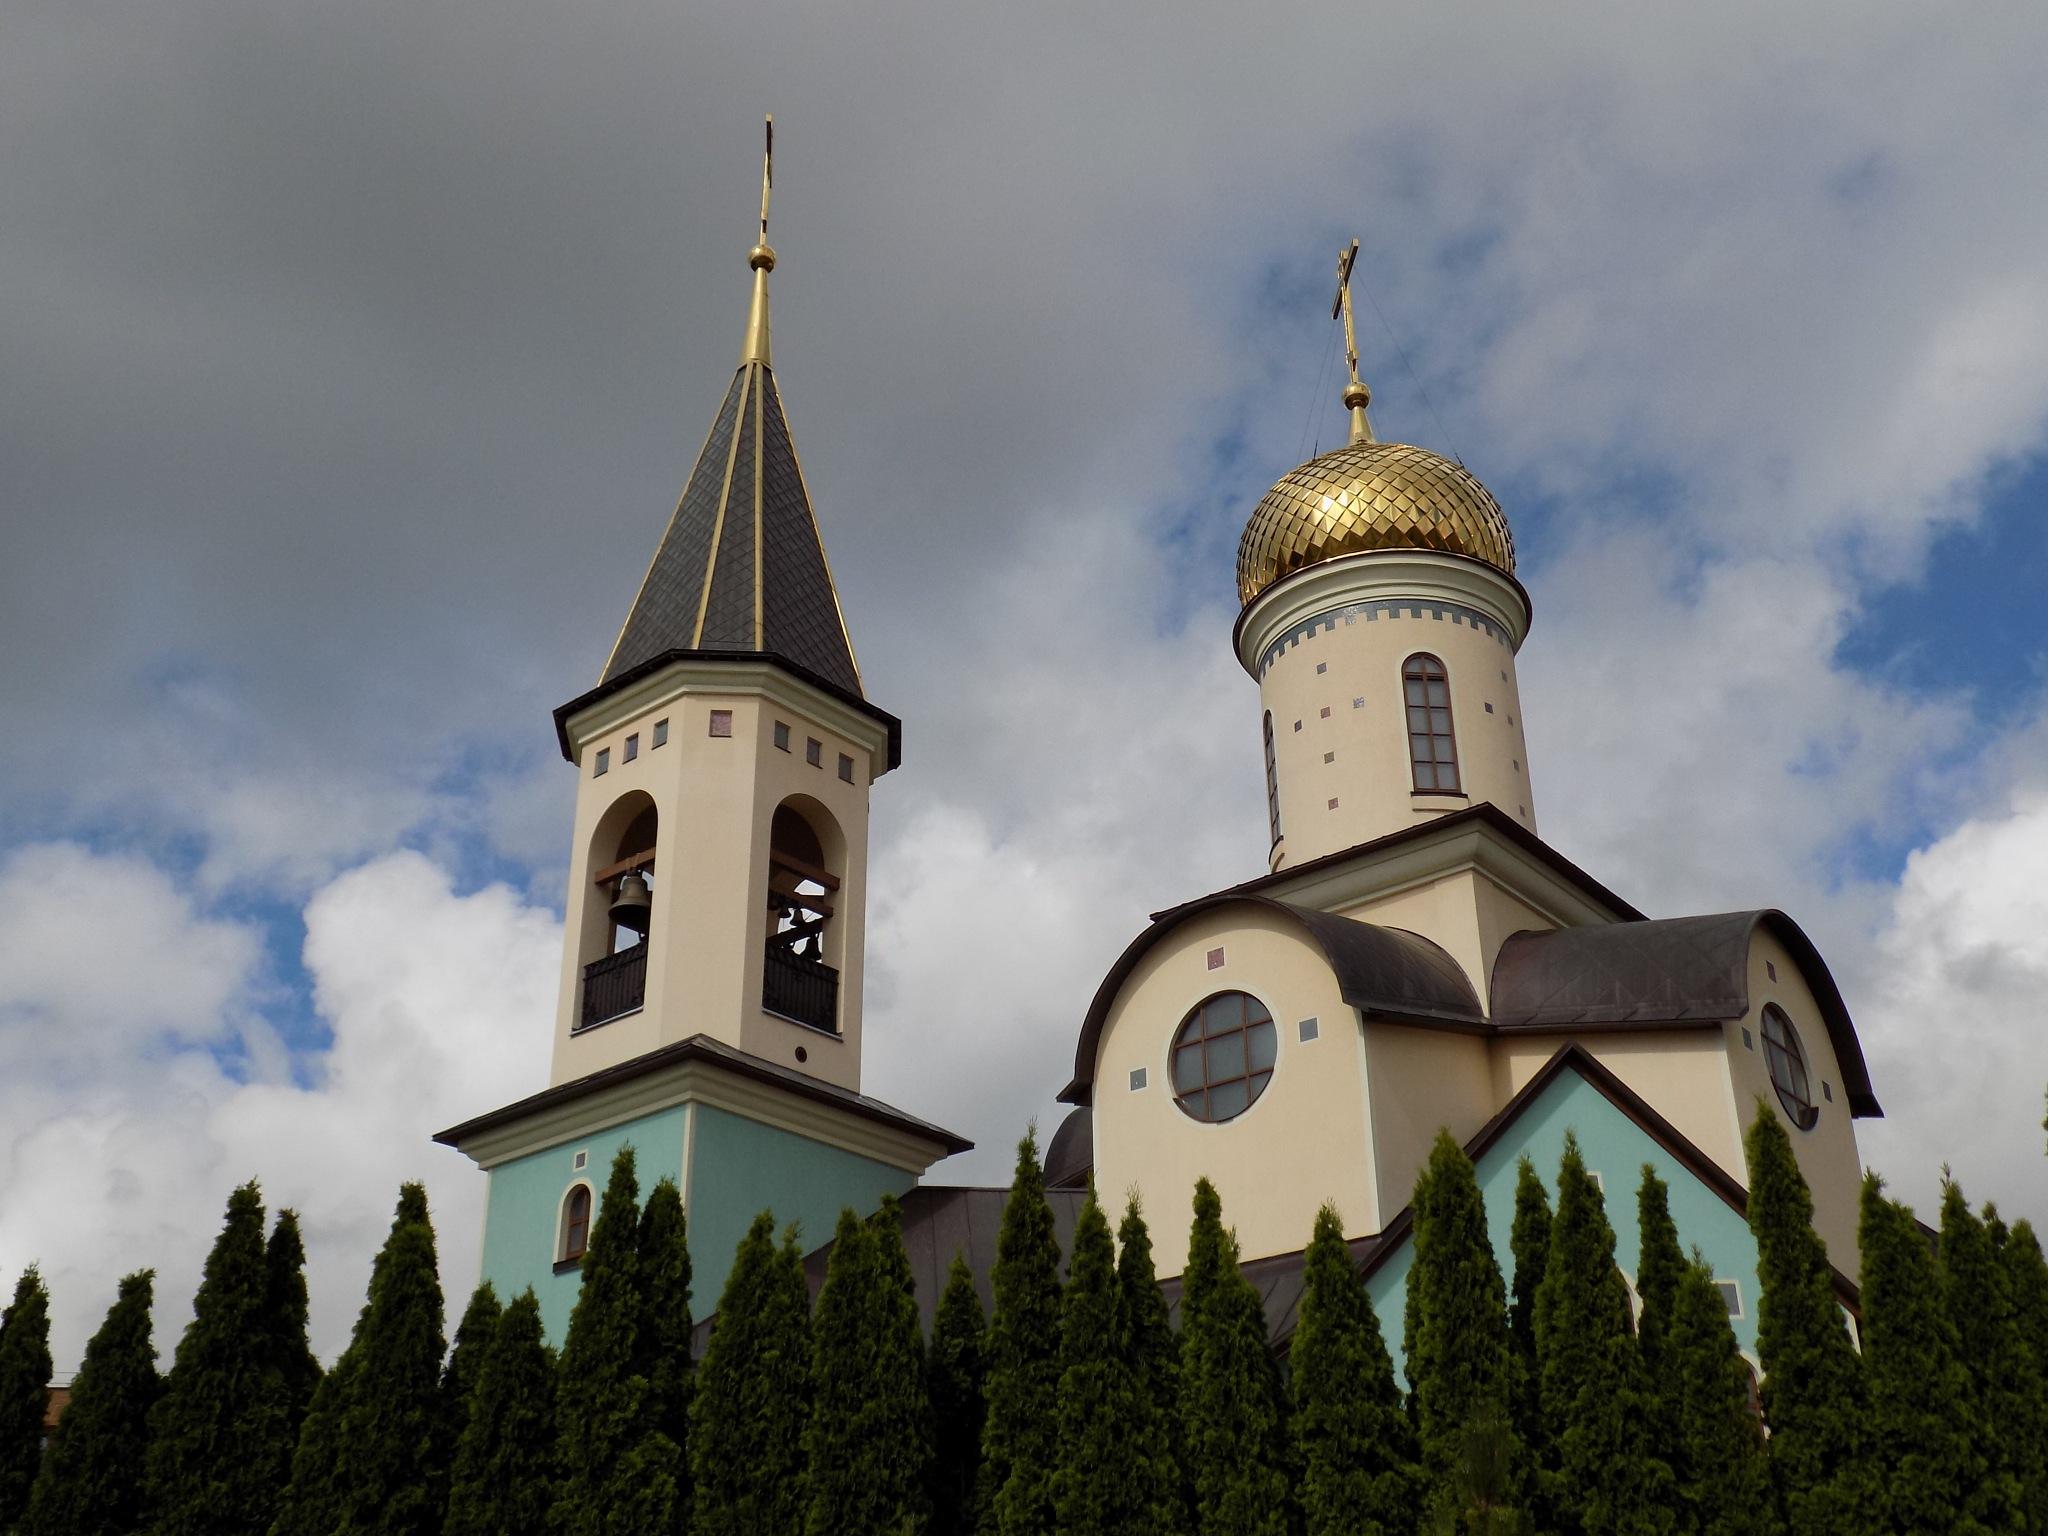 Church towers by uzkuraitiene62